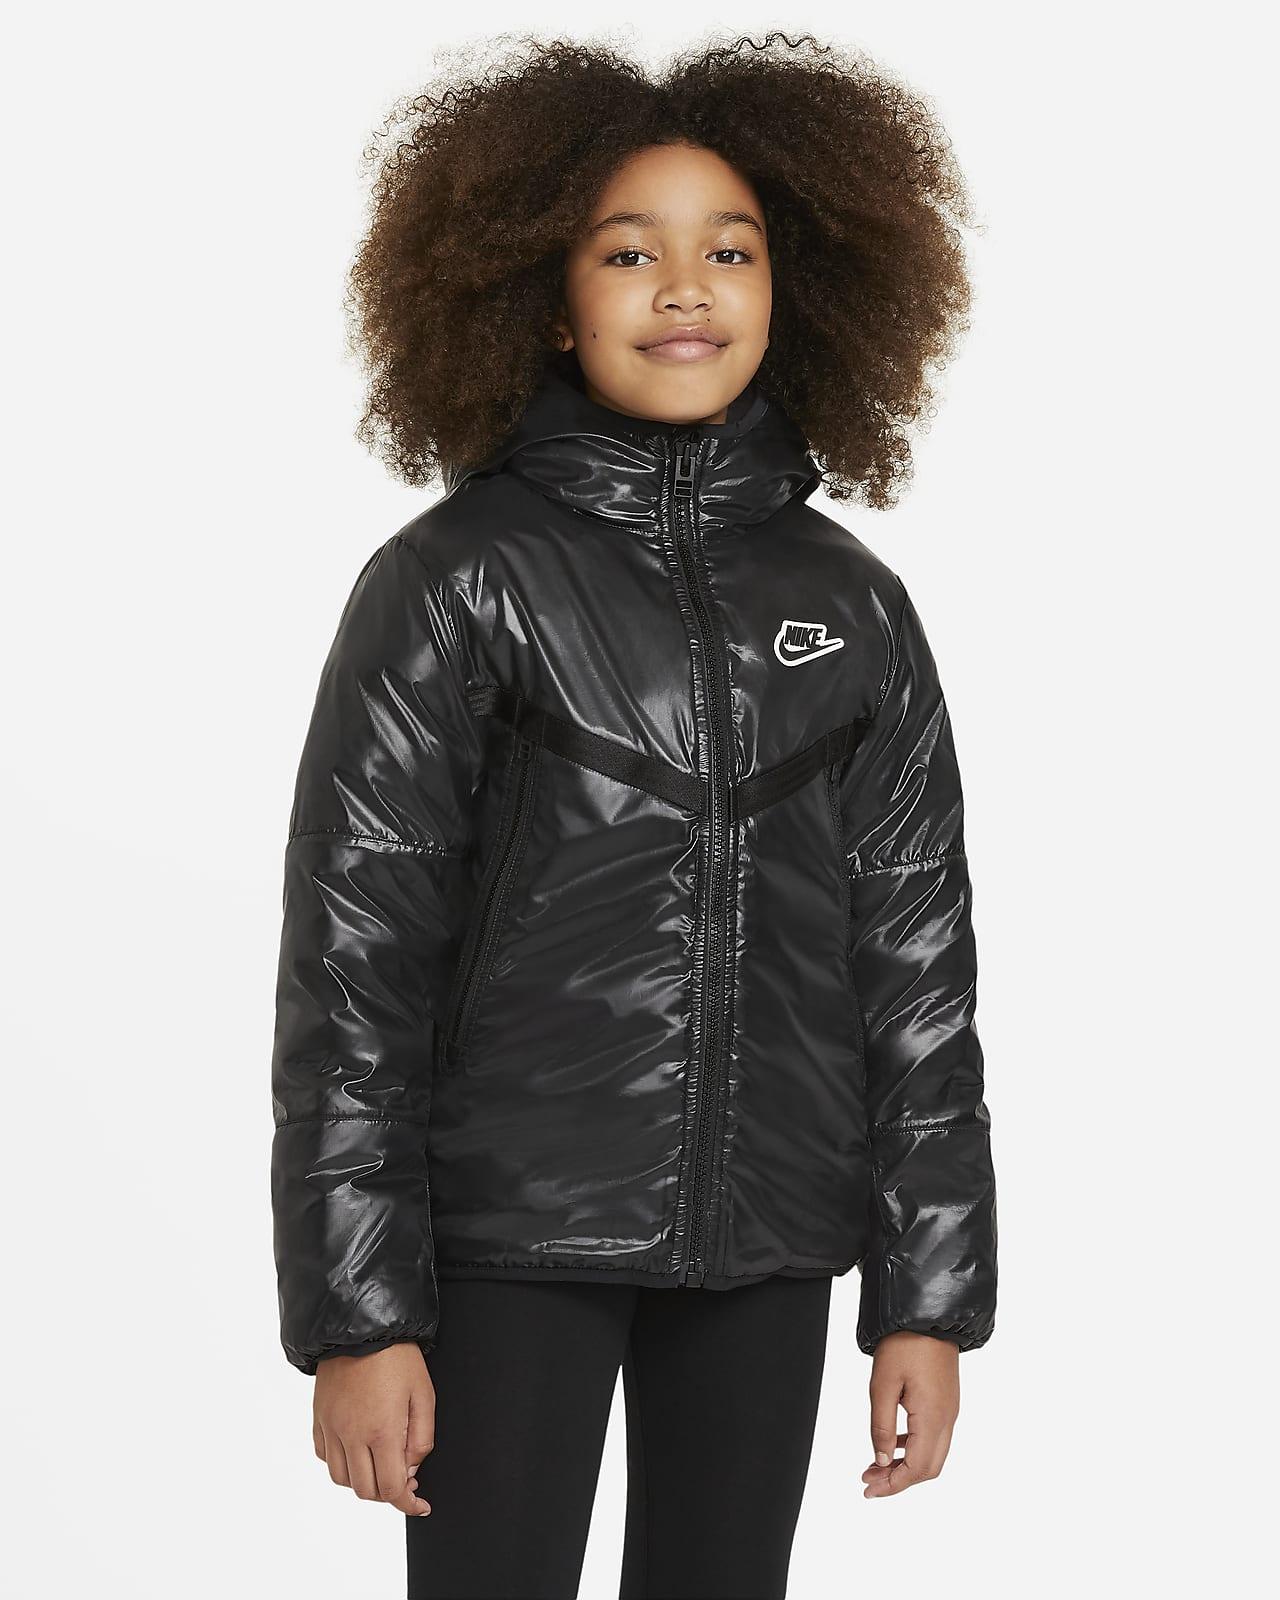 Nike Sportswear szintetikus töltésű, vízlepergető kabát nagyobb gyerekeknek